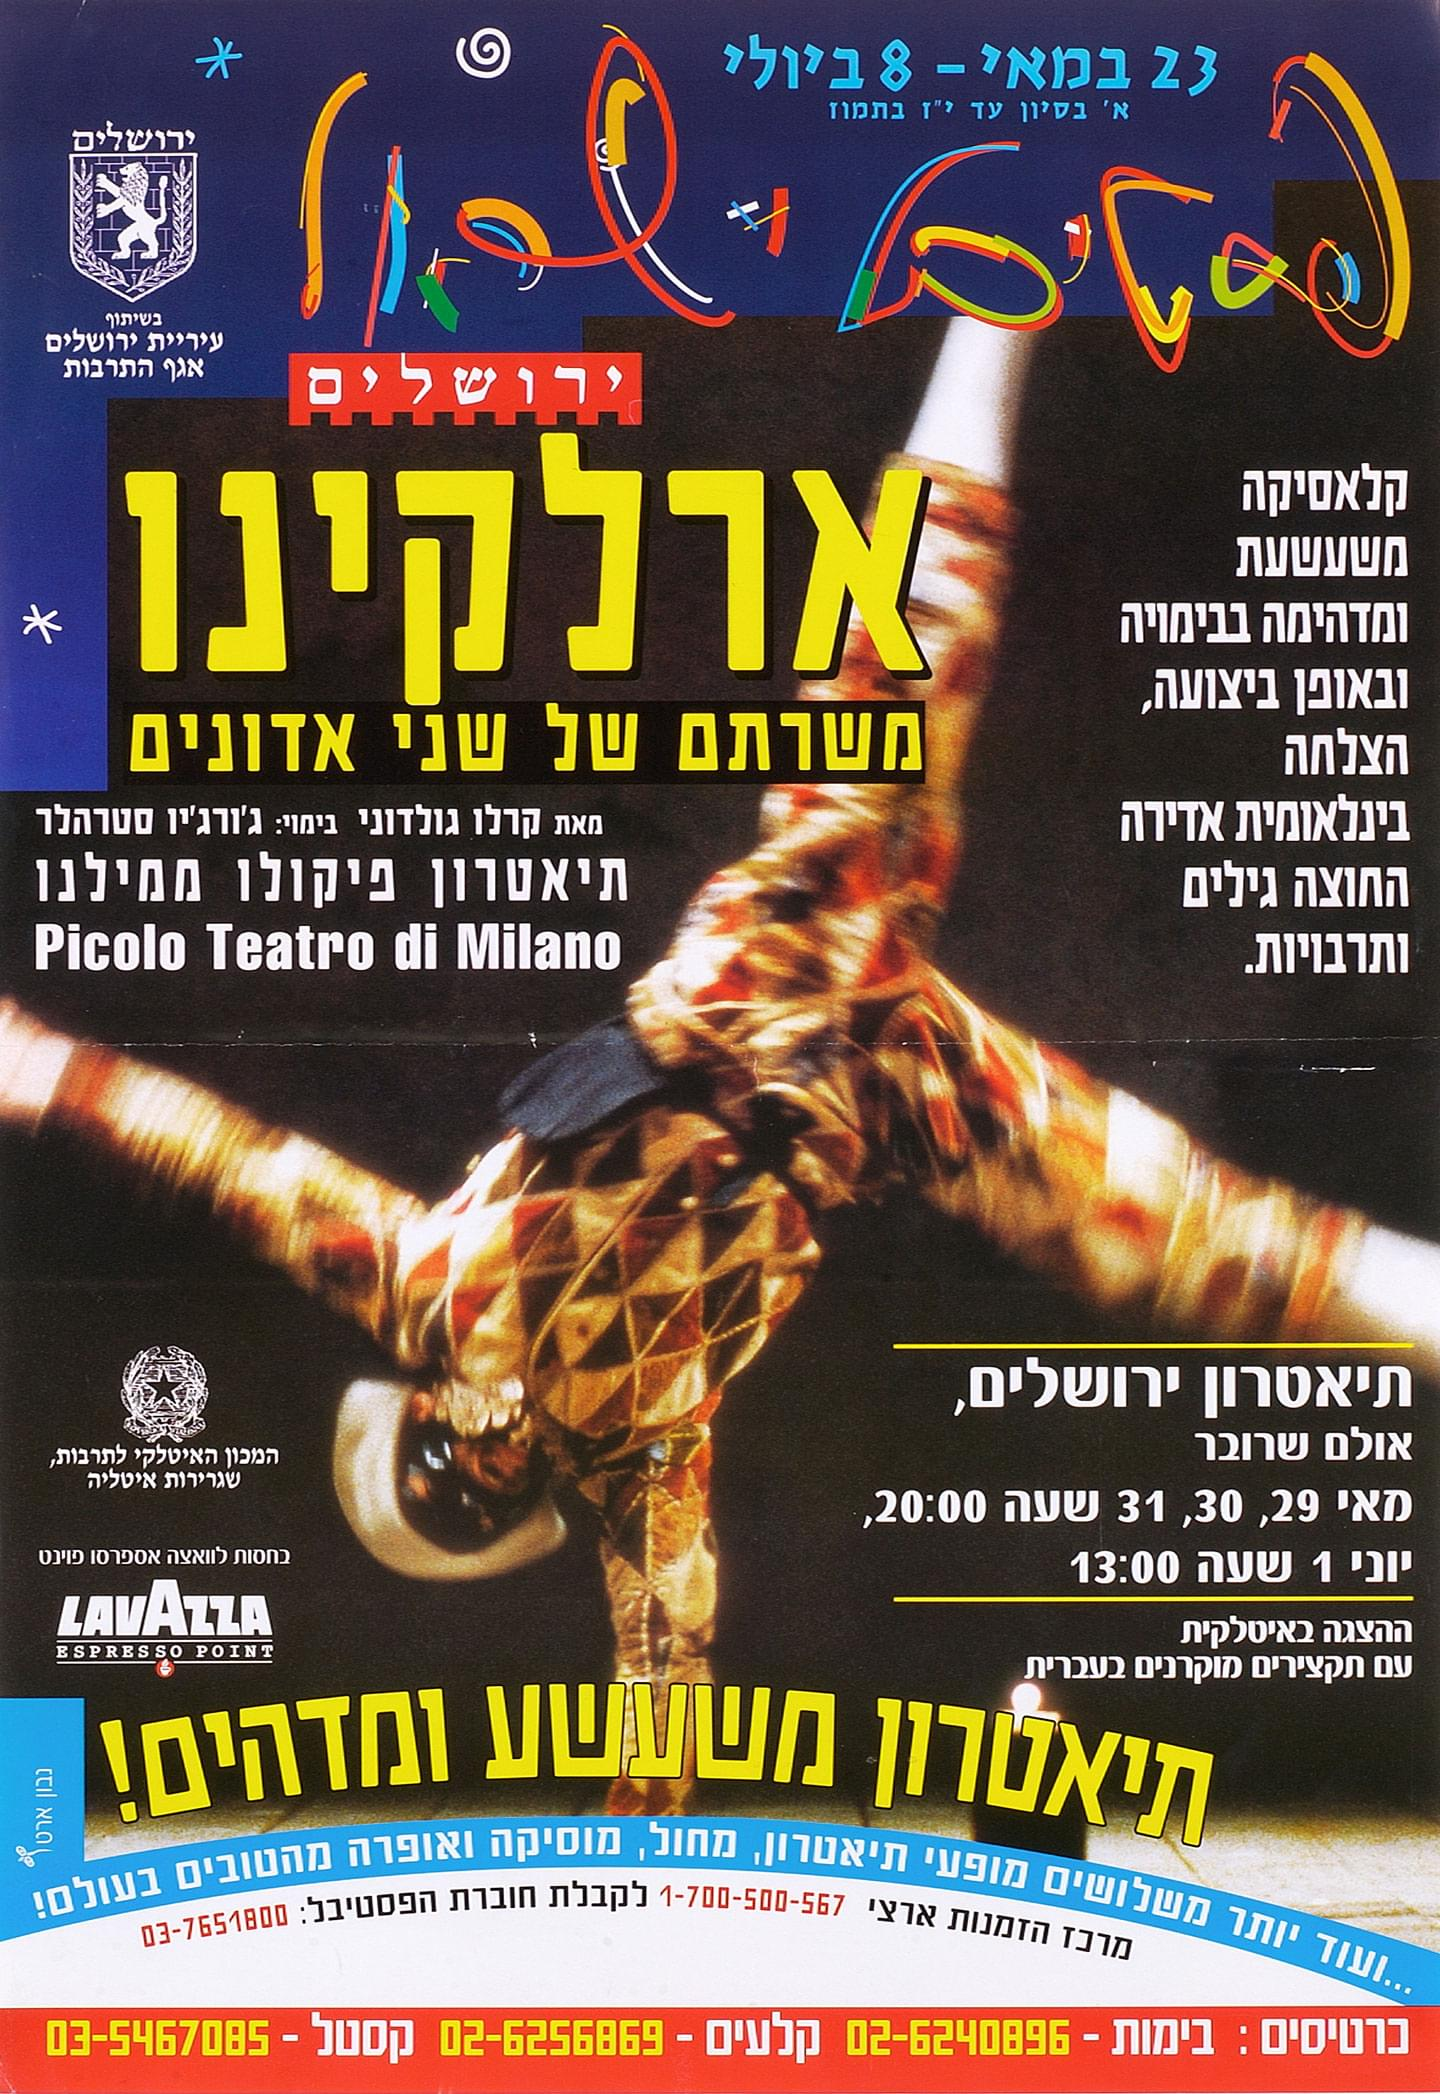 Gerusalemme, 29 maggio 2001 - Archivio Piccolo Teatro di Milano